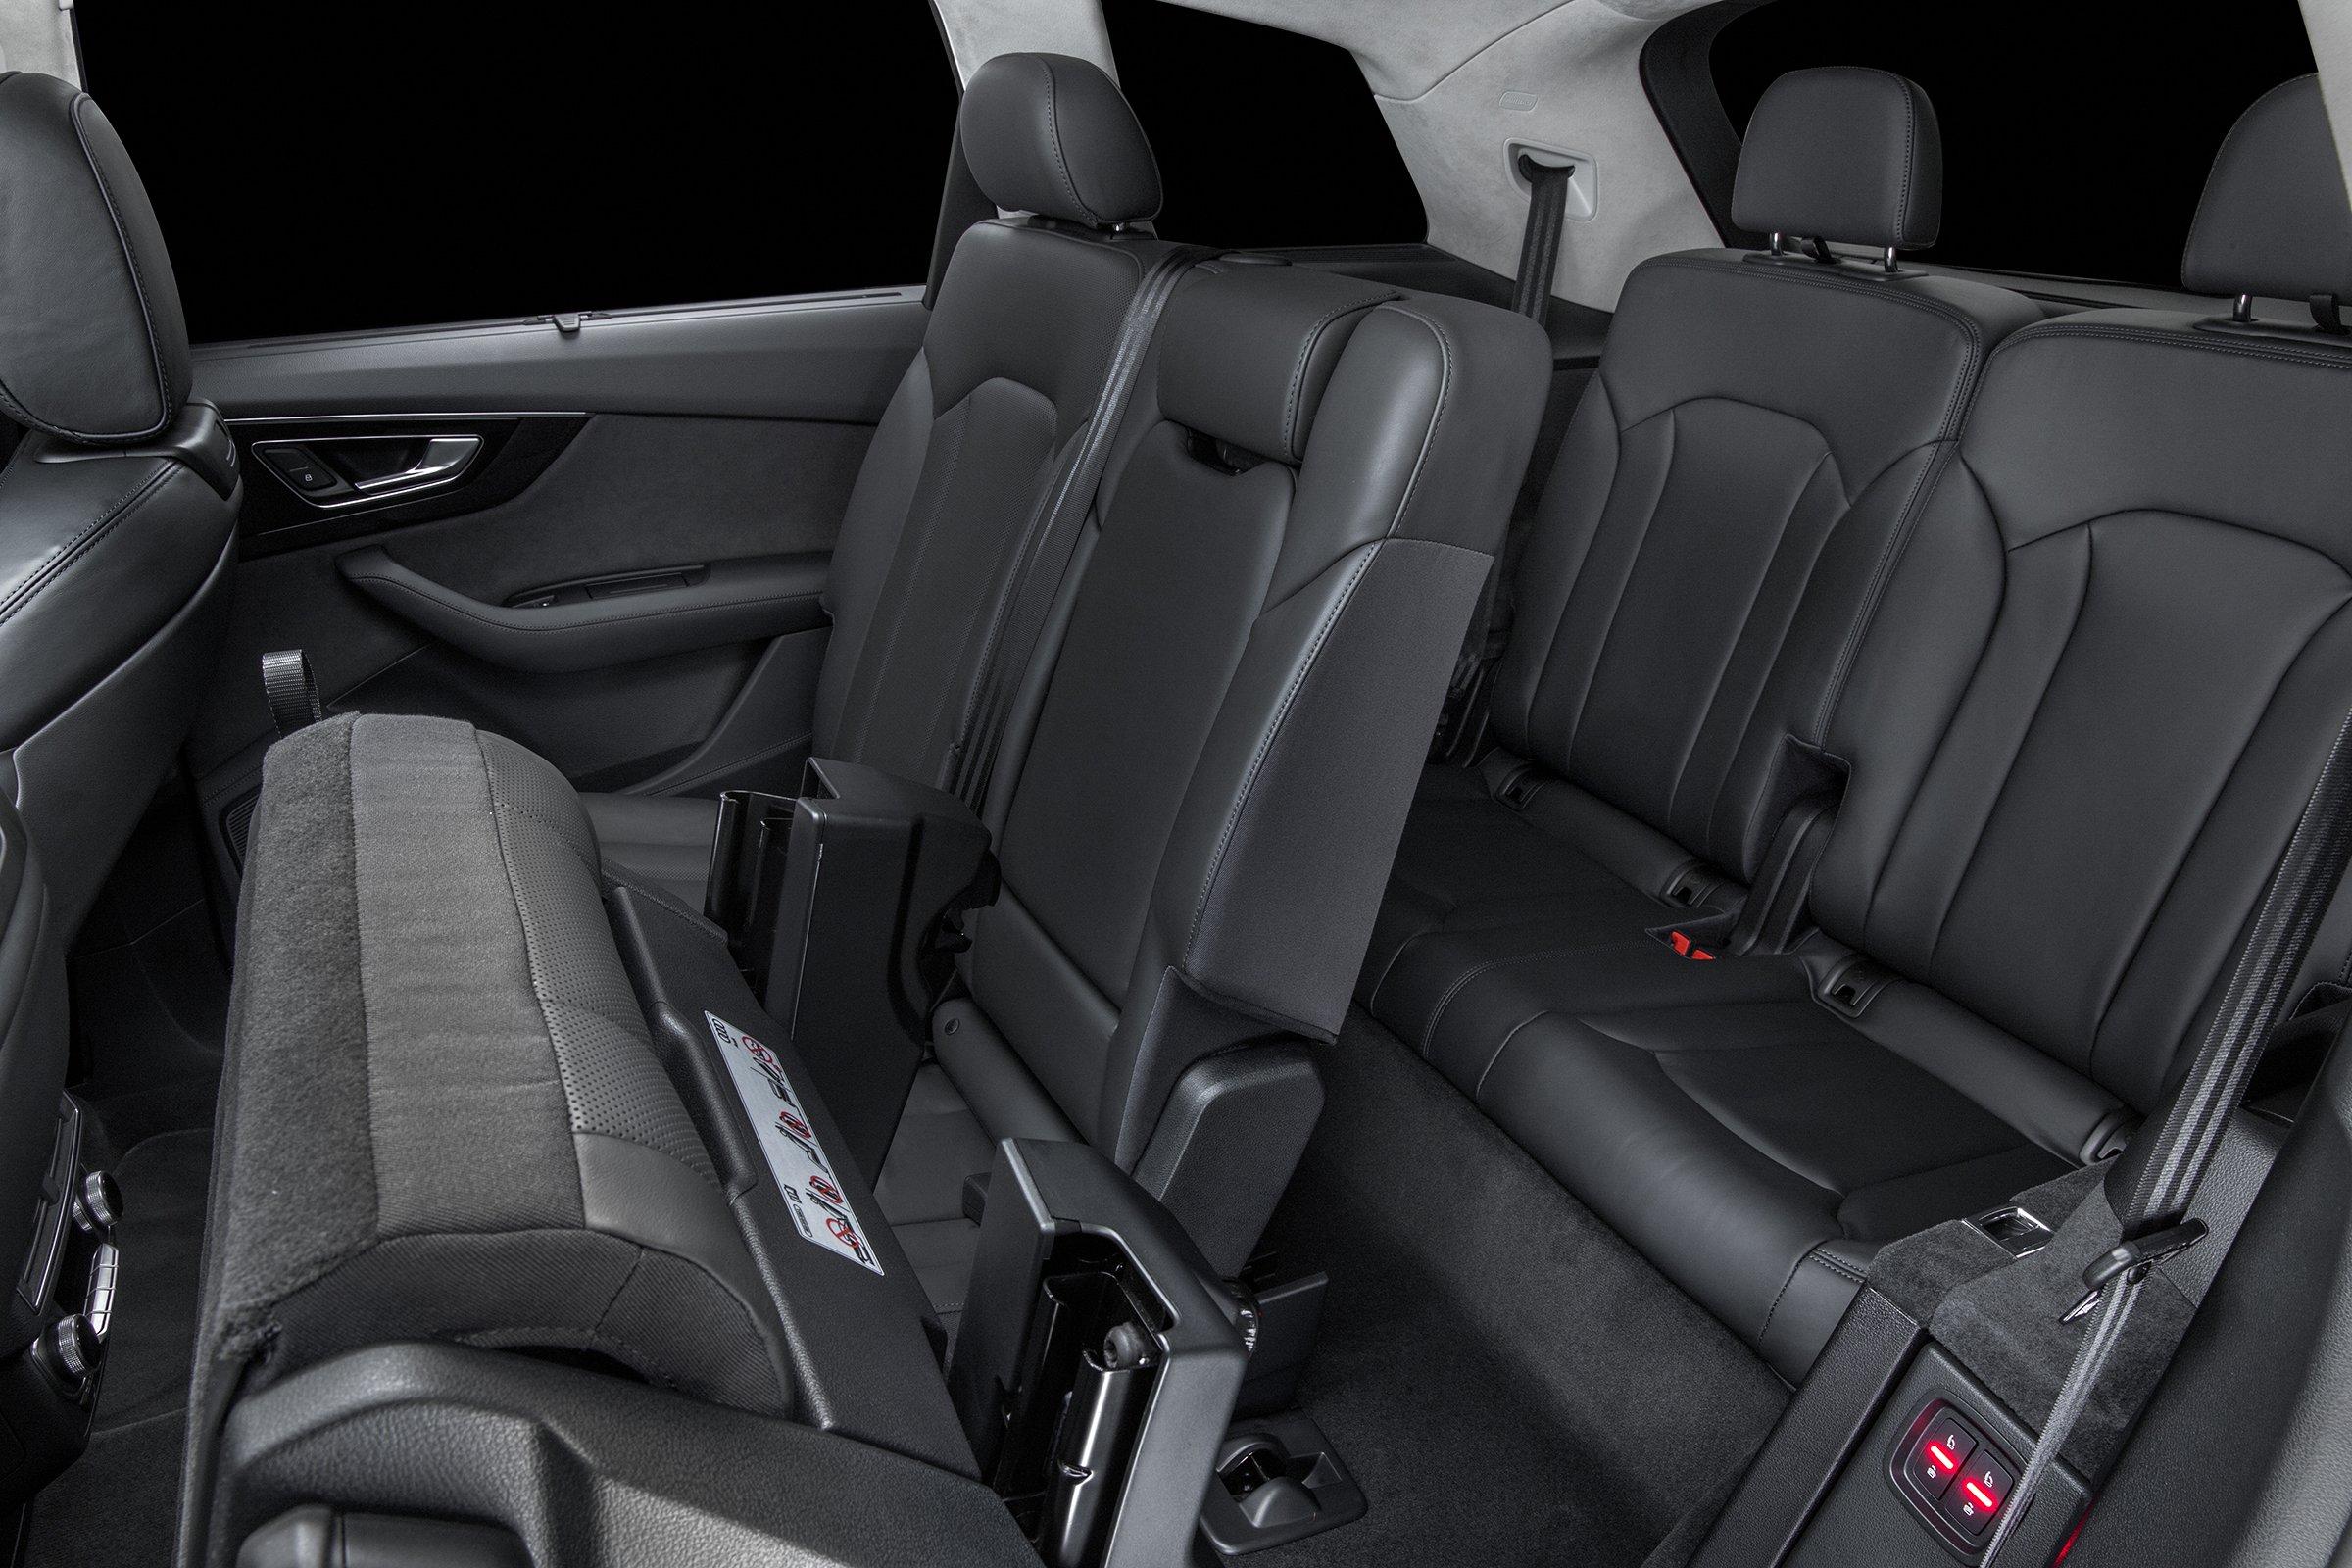 2017-audi-q7-Interior-Seats